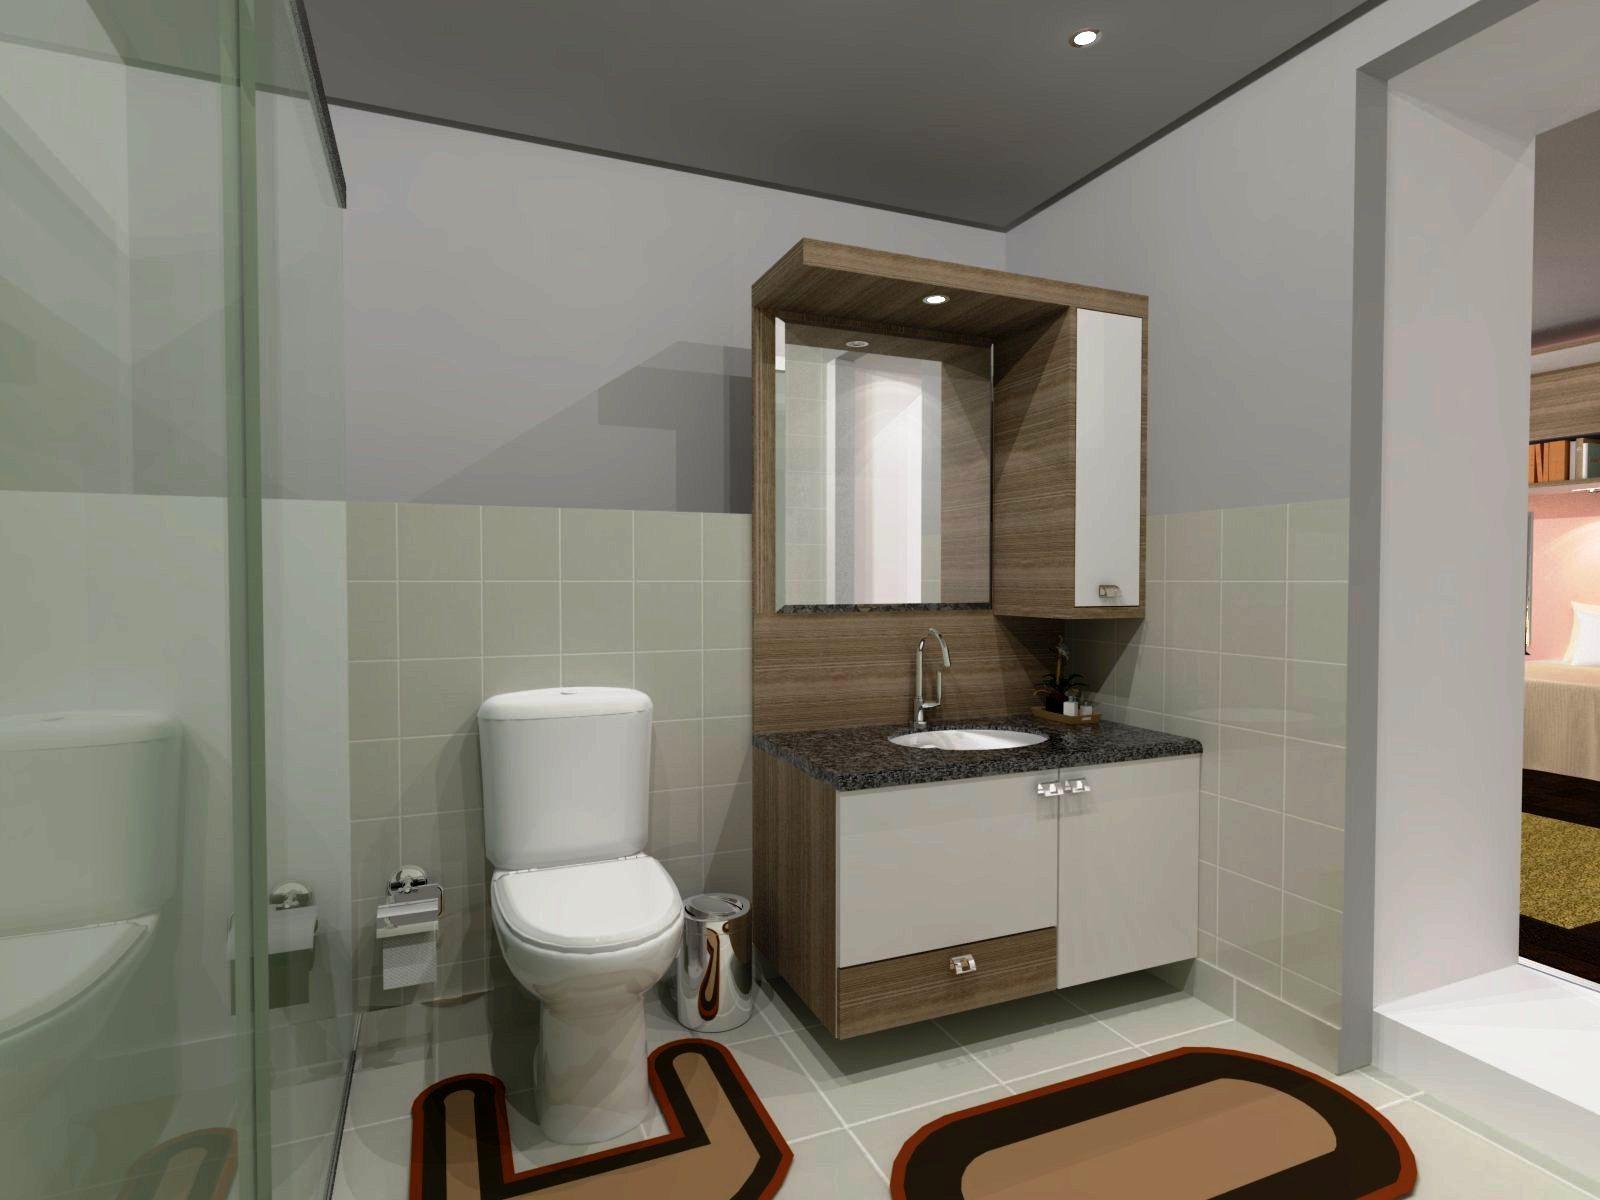 PROJETO DE MÓVEIS 3D: Guarda Roupa com entrada para Banheiro #975D34 1600 1200